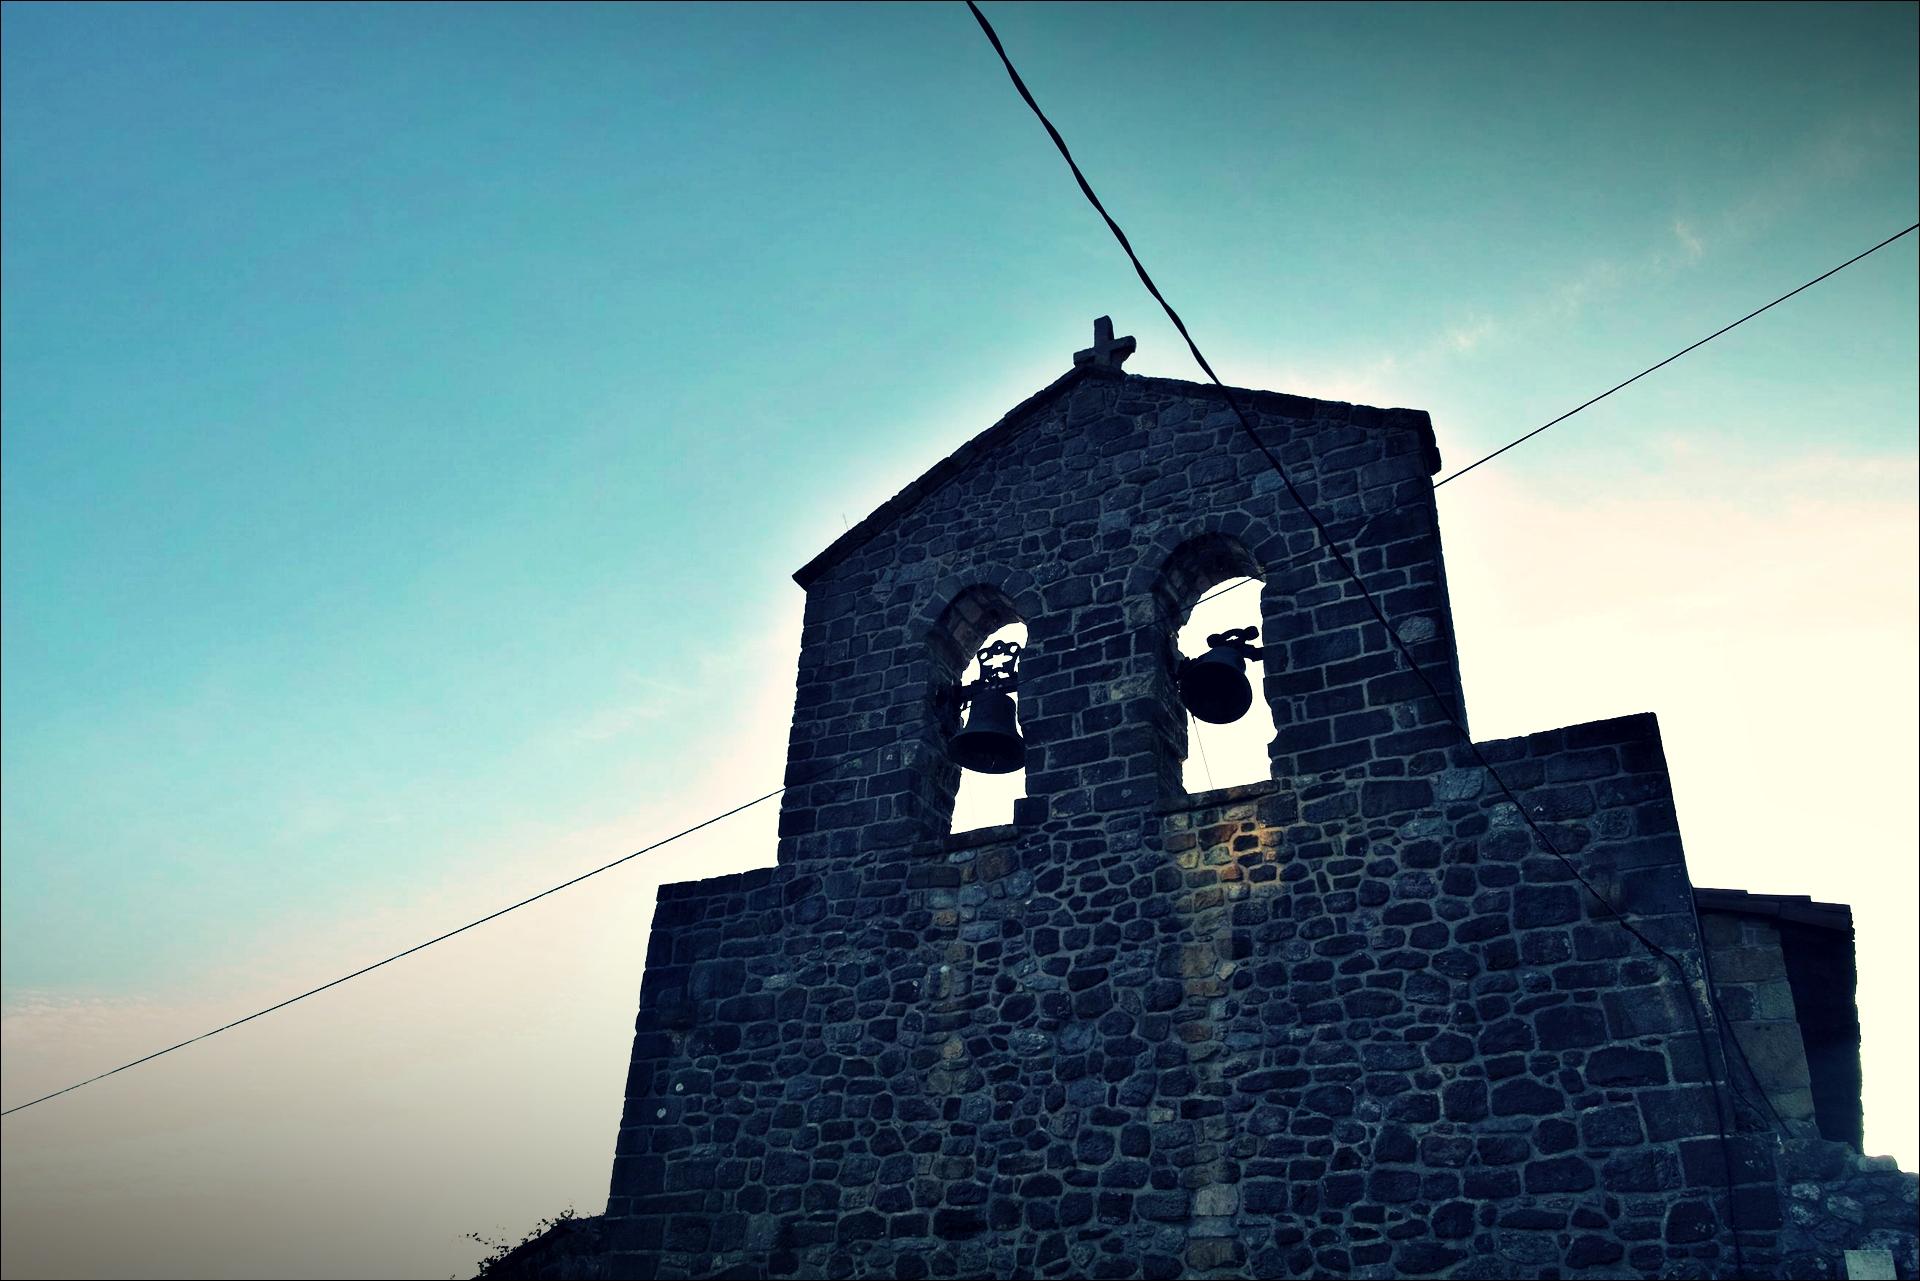 성당 종-'카미노 데 산티아고 북쪽길. 카스트로 우르디알레스에서 리엔도. (Camino del Norte - Castro Urdiales to Liendo) '